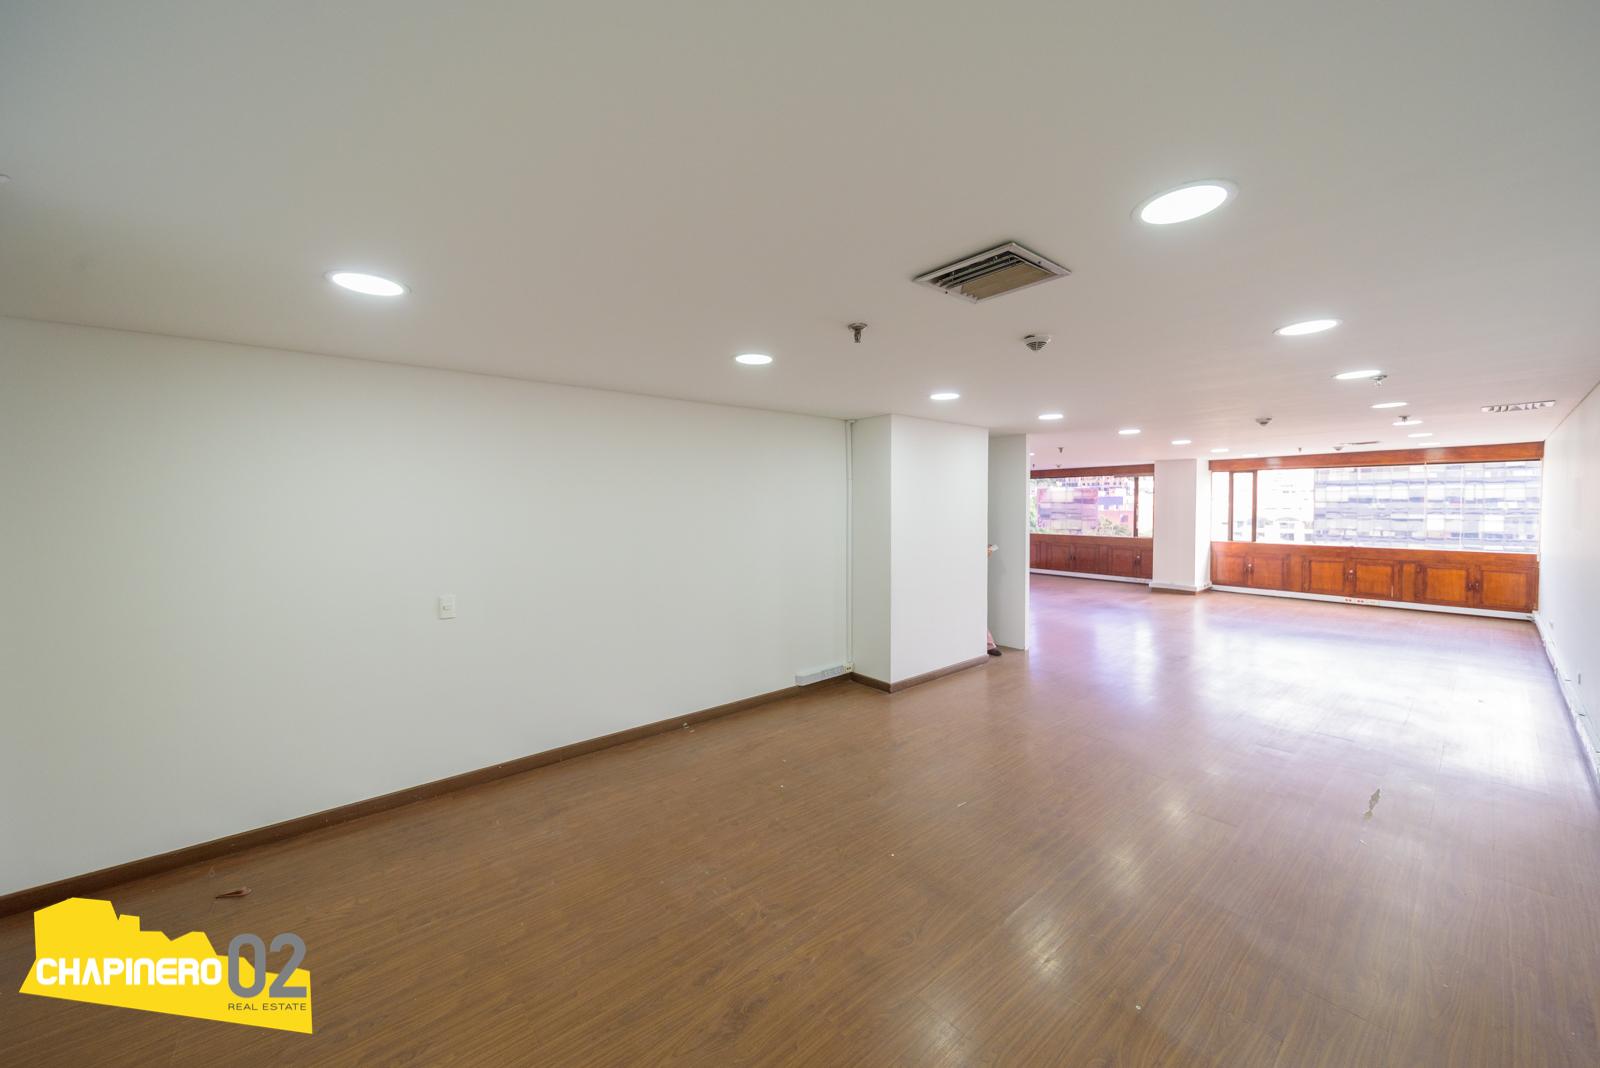 Oficina Arriendo :: 90 m² :: Chicó Reservado ::$6M